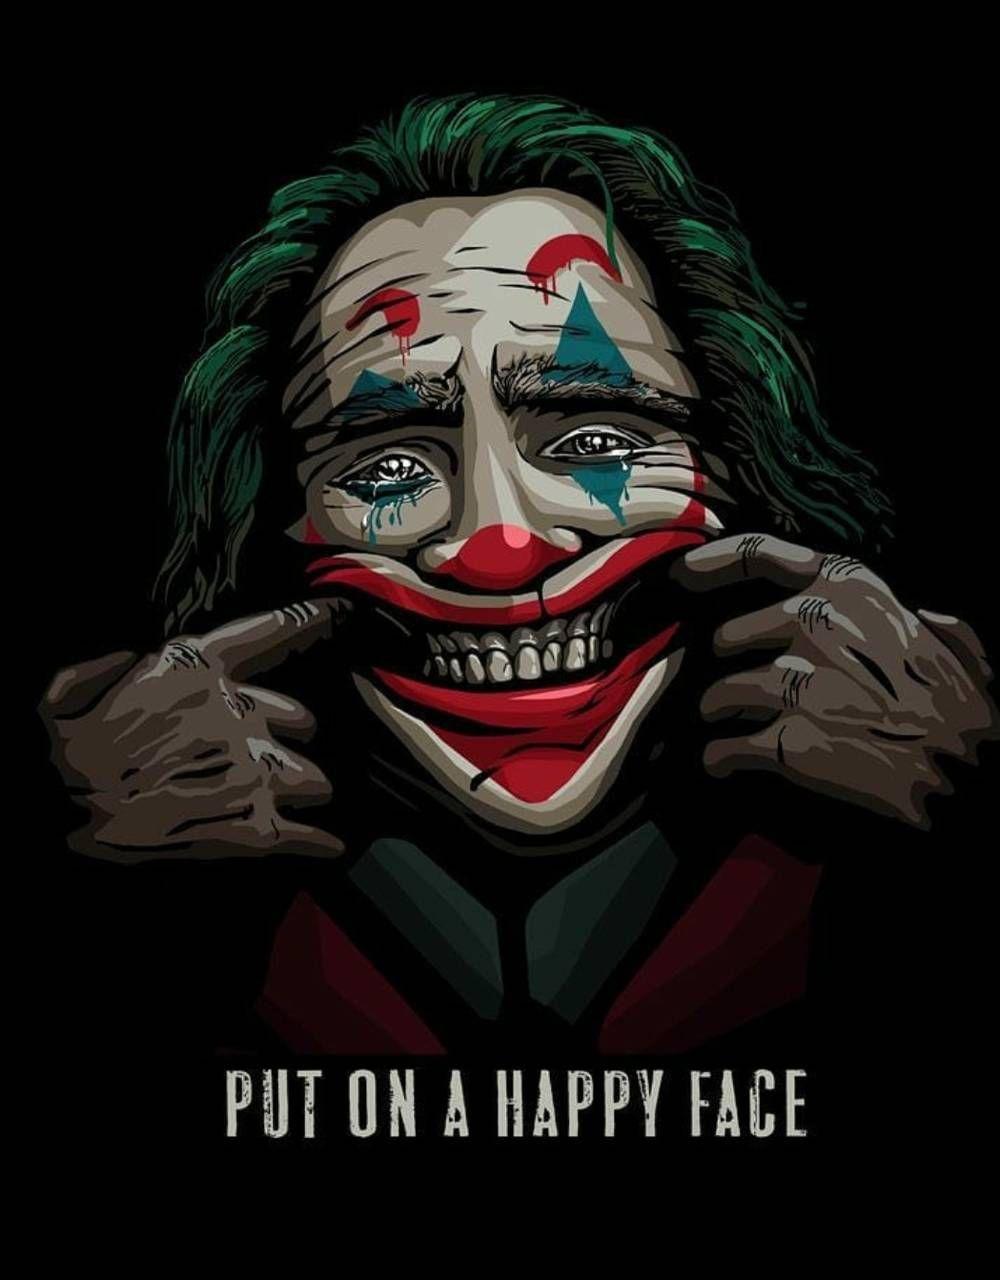 Pin By Exel Runtuwene On 123 Joker Poster Joker Art Joker Artwork